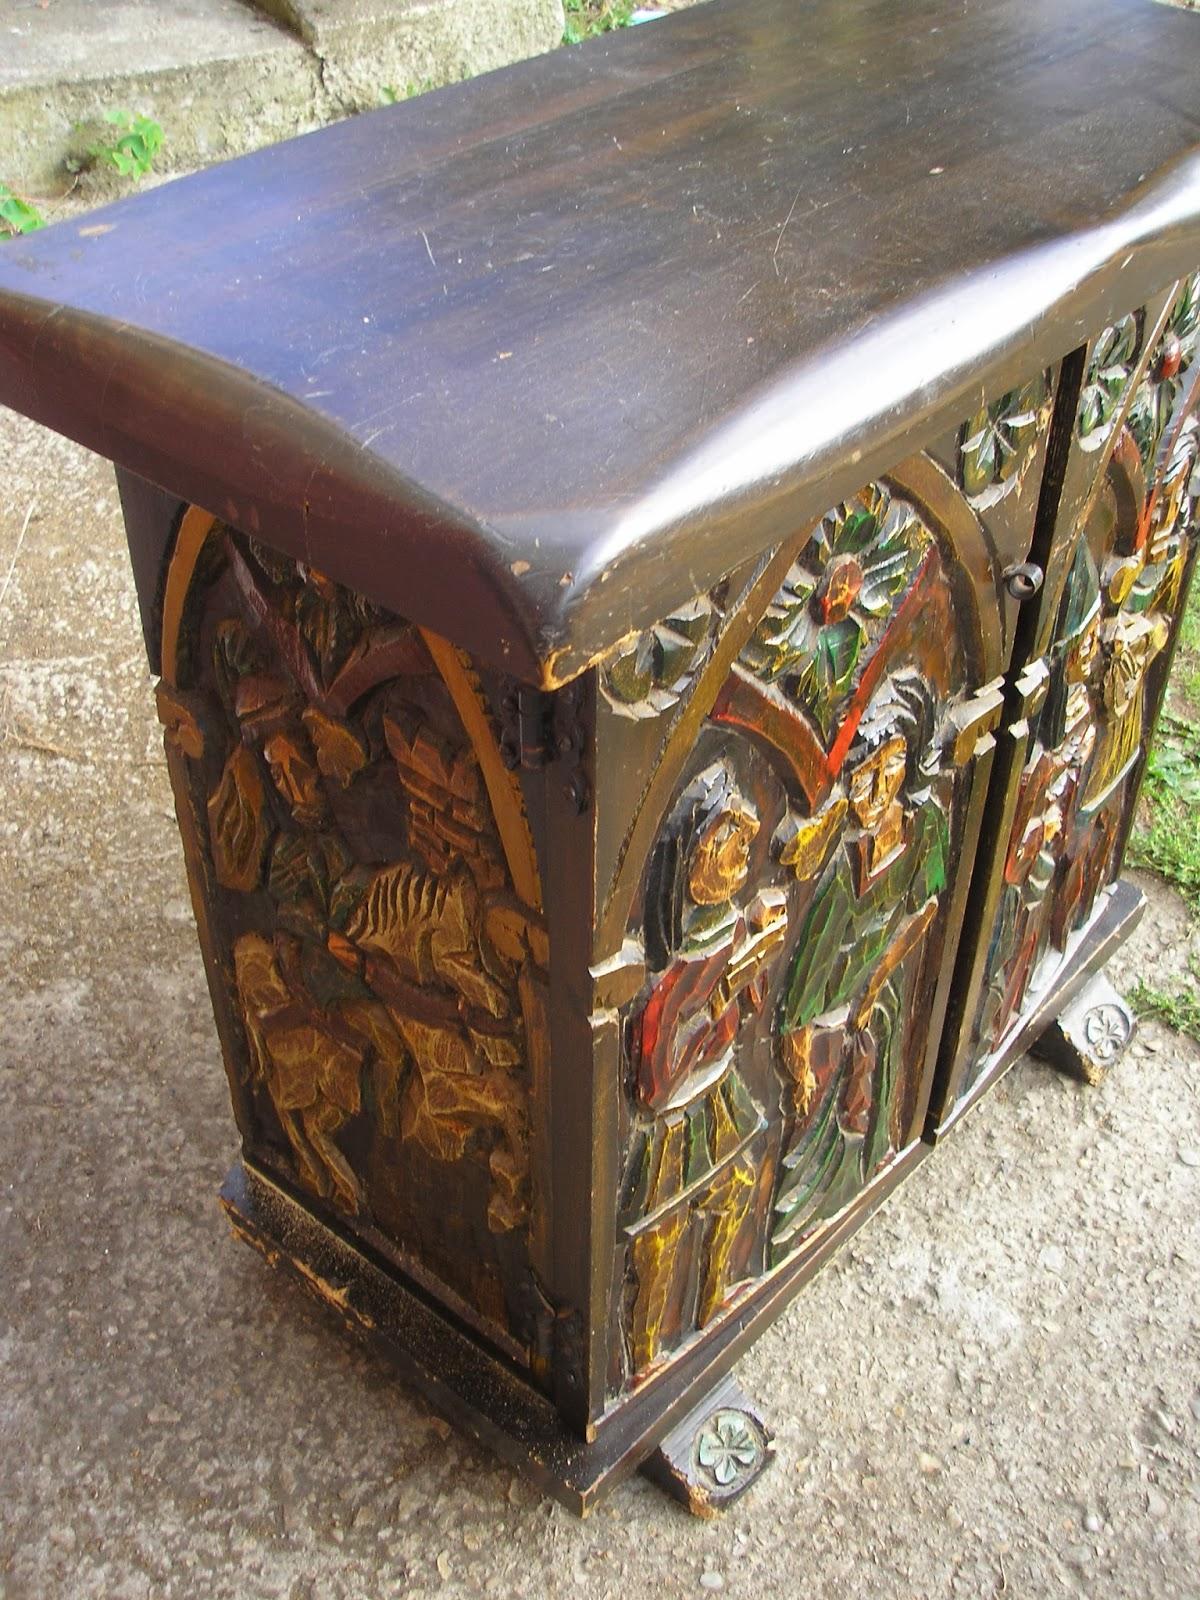 este mueble zapatero, con la esperanza de que se pudiera restaurar